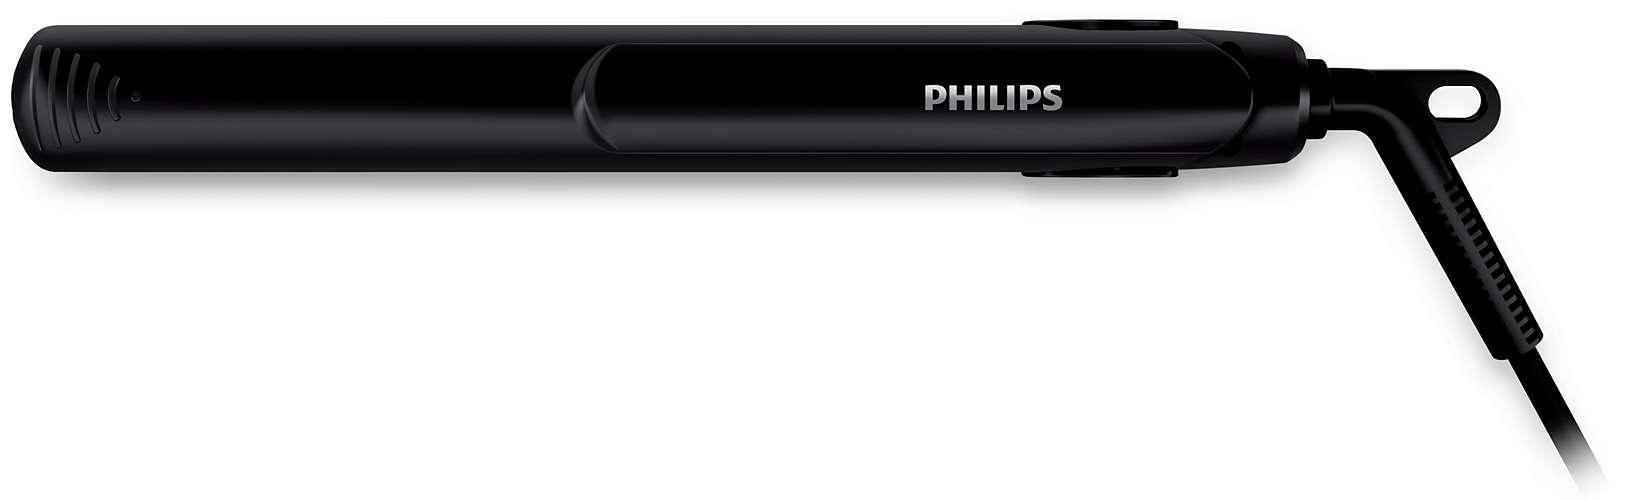 Selfie Straightener HP8302 00  2179a608c5